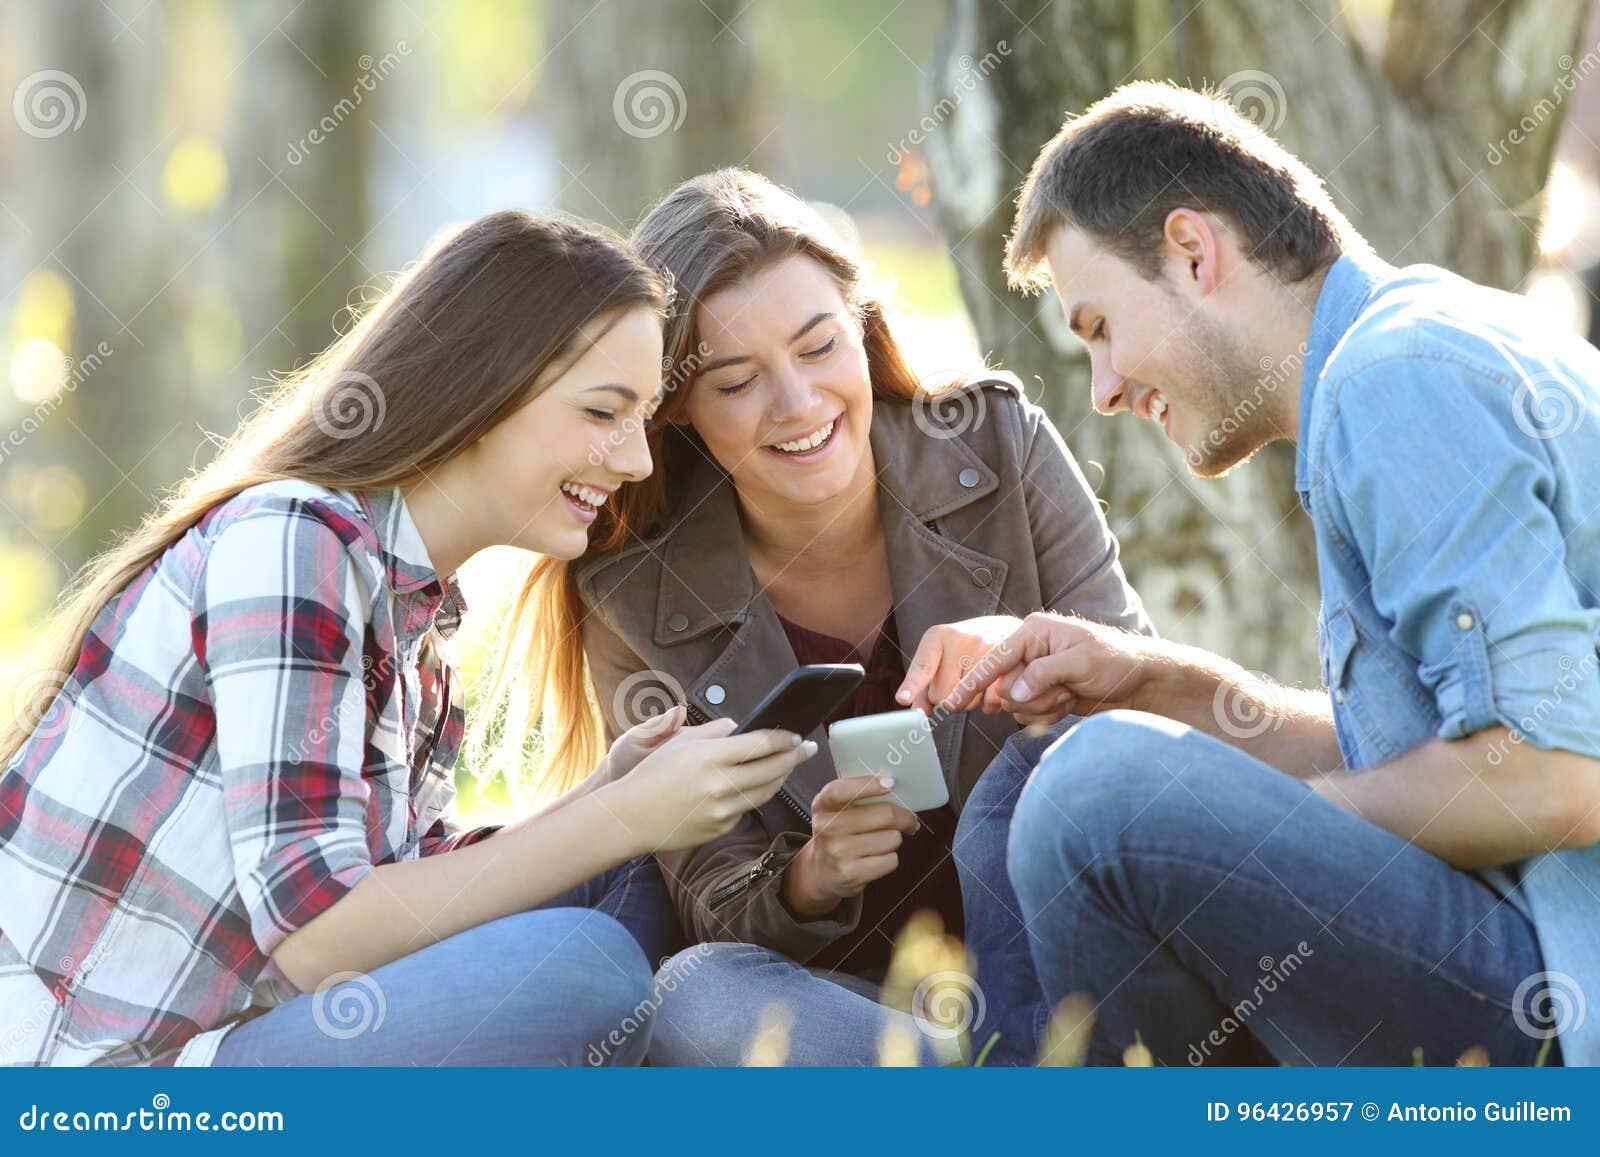 Drie tienerjaren die online inhoud op telefoons delen